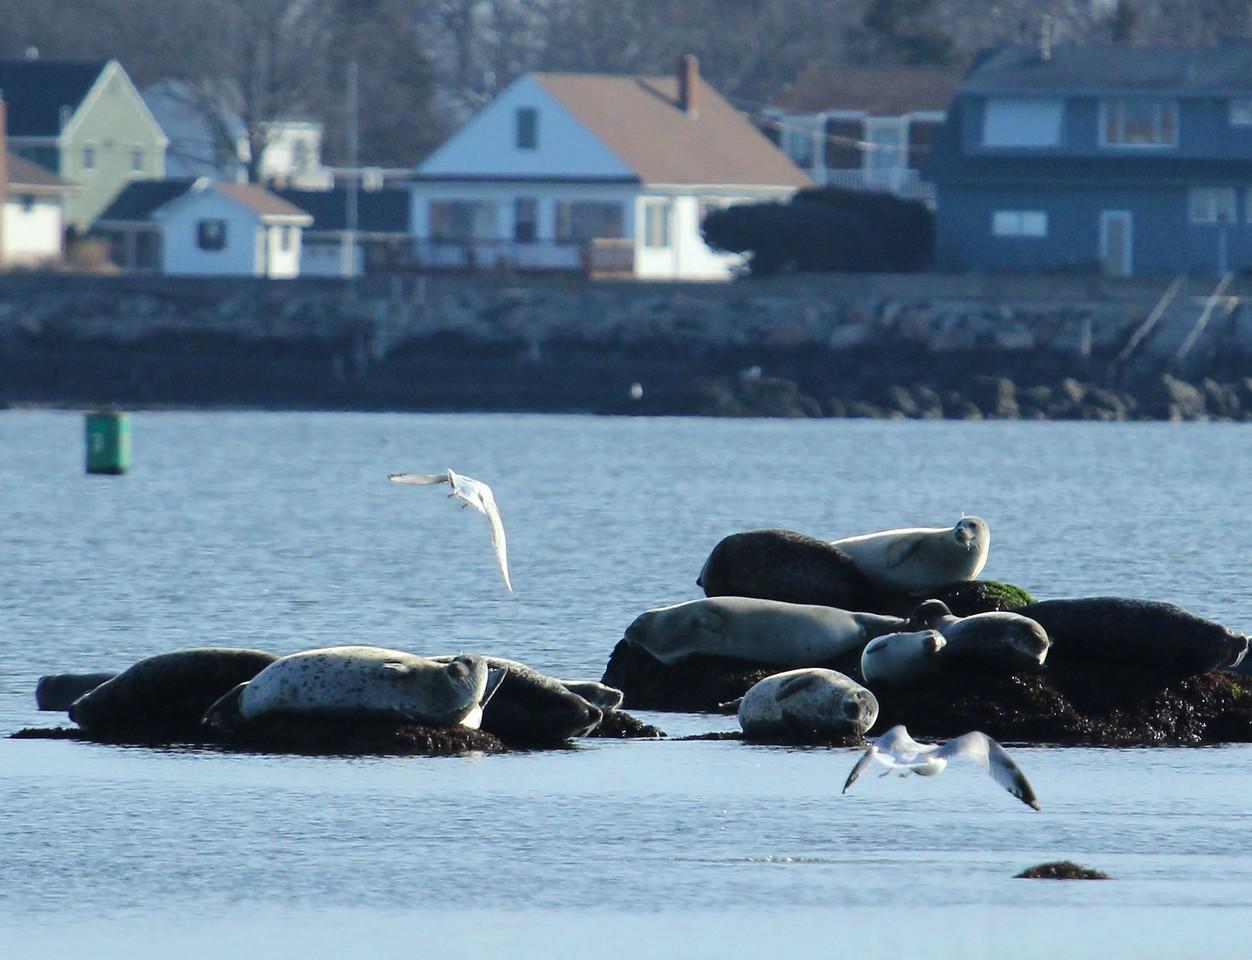 Off  Meigs Pt. / Clinton Harbor